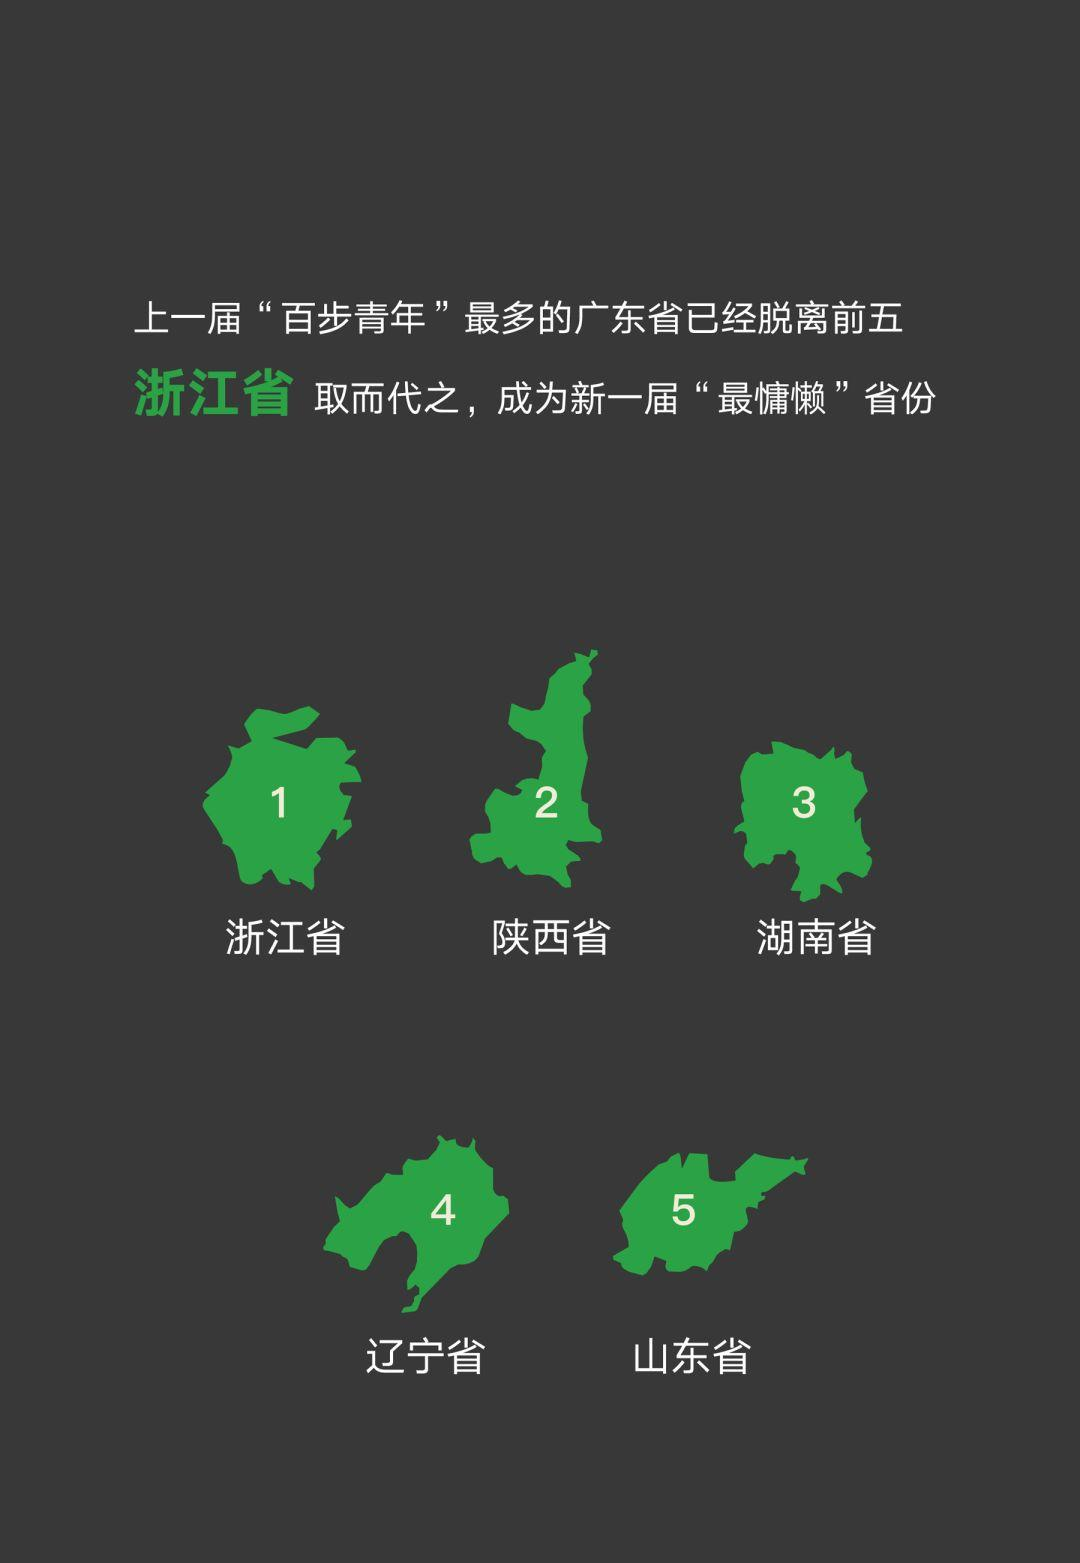 從微信官方發布的這份報告中,我學到的3個PPT設計技巧